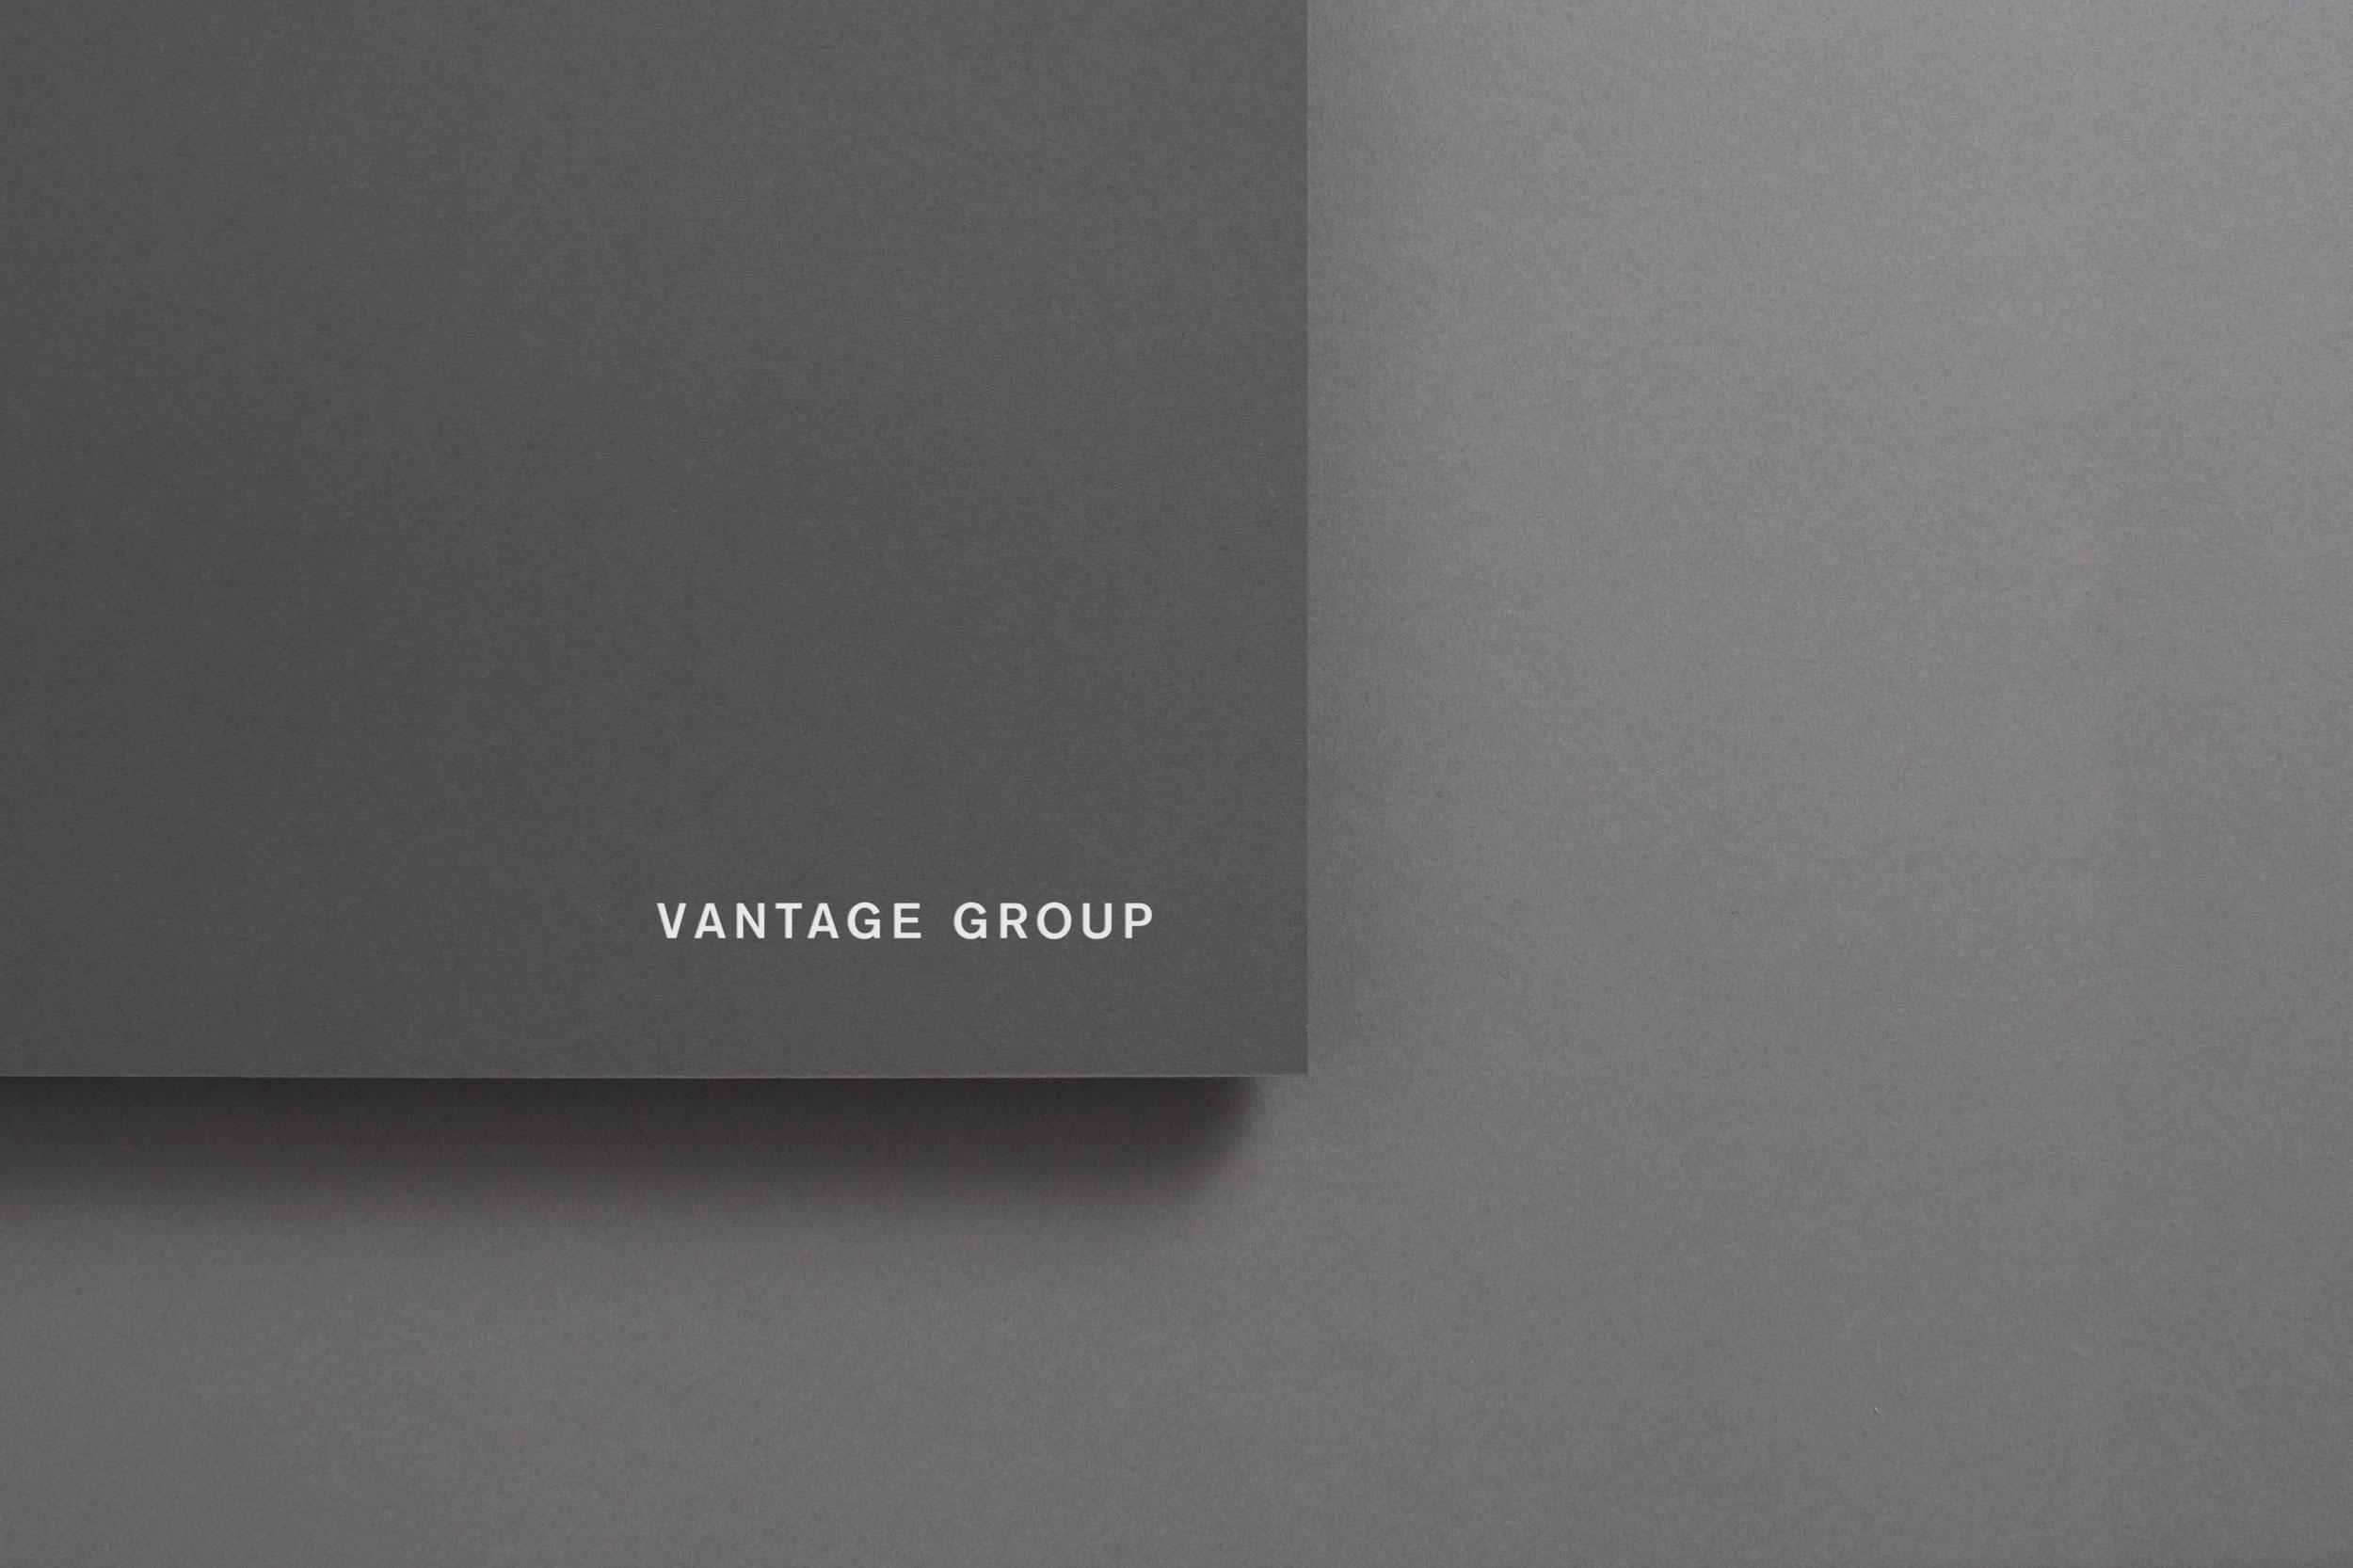 Vantage Group